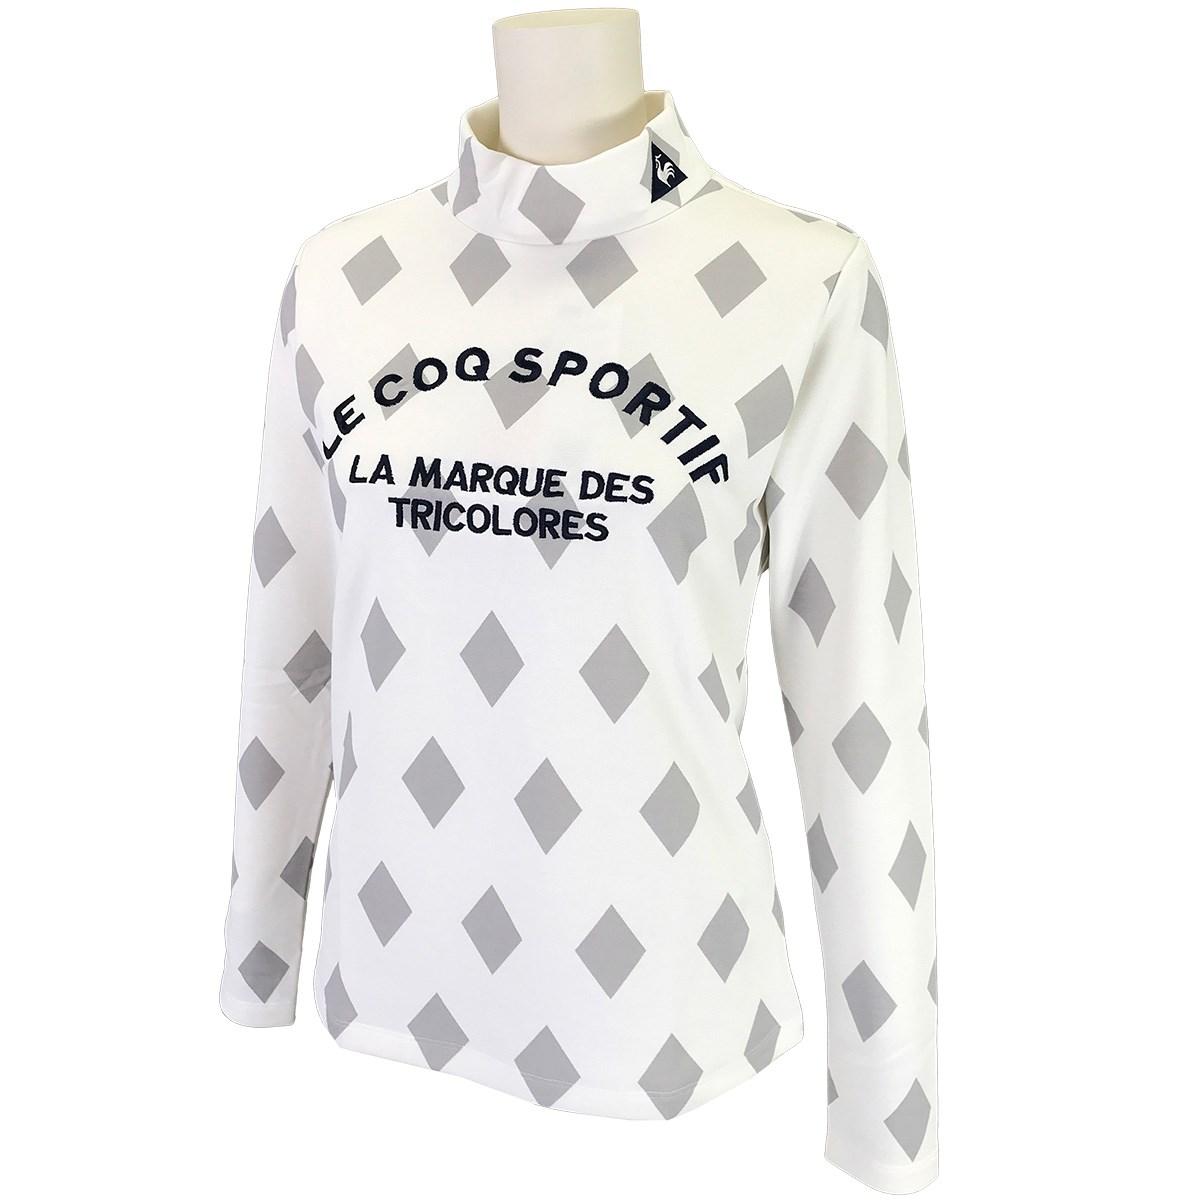 ルコックゴルフ Le coq sportif GOLF ハイネック長袖シャツ L ホワイト 00 レディス